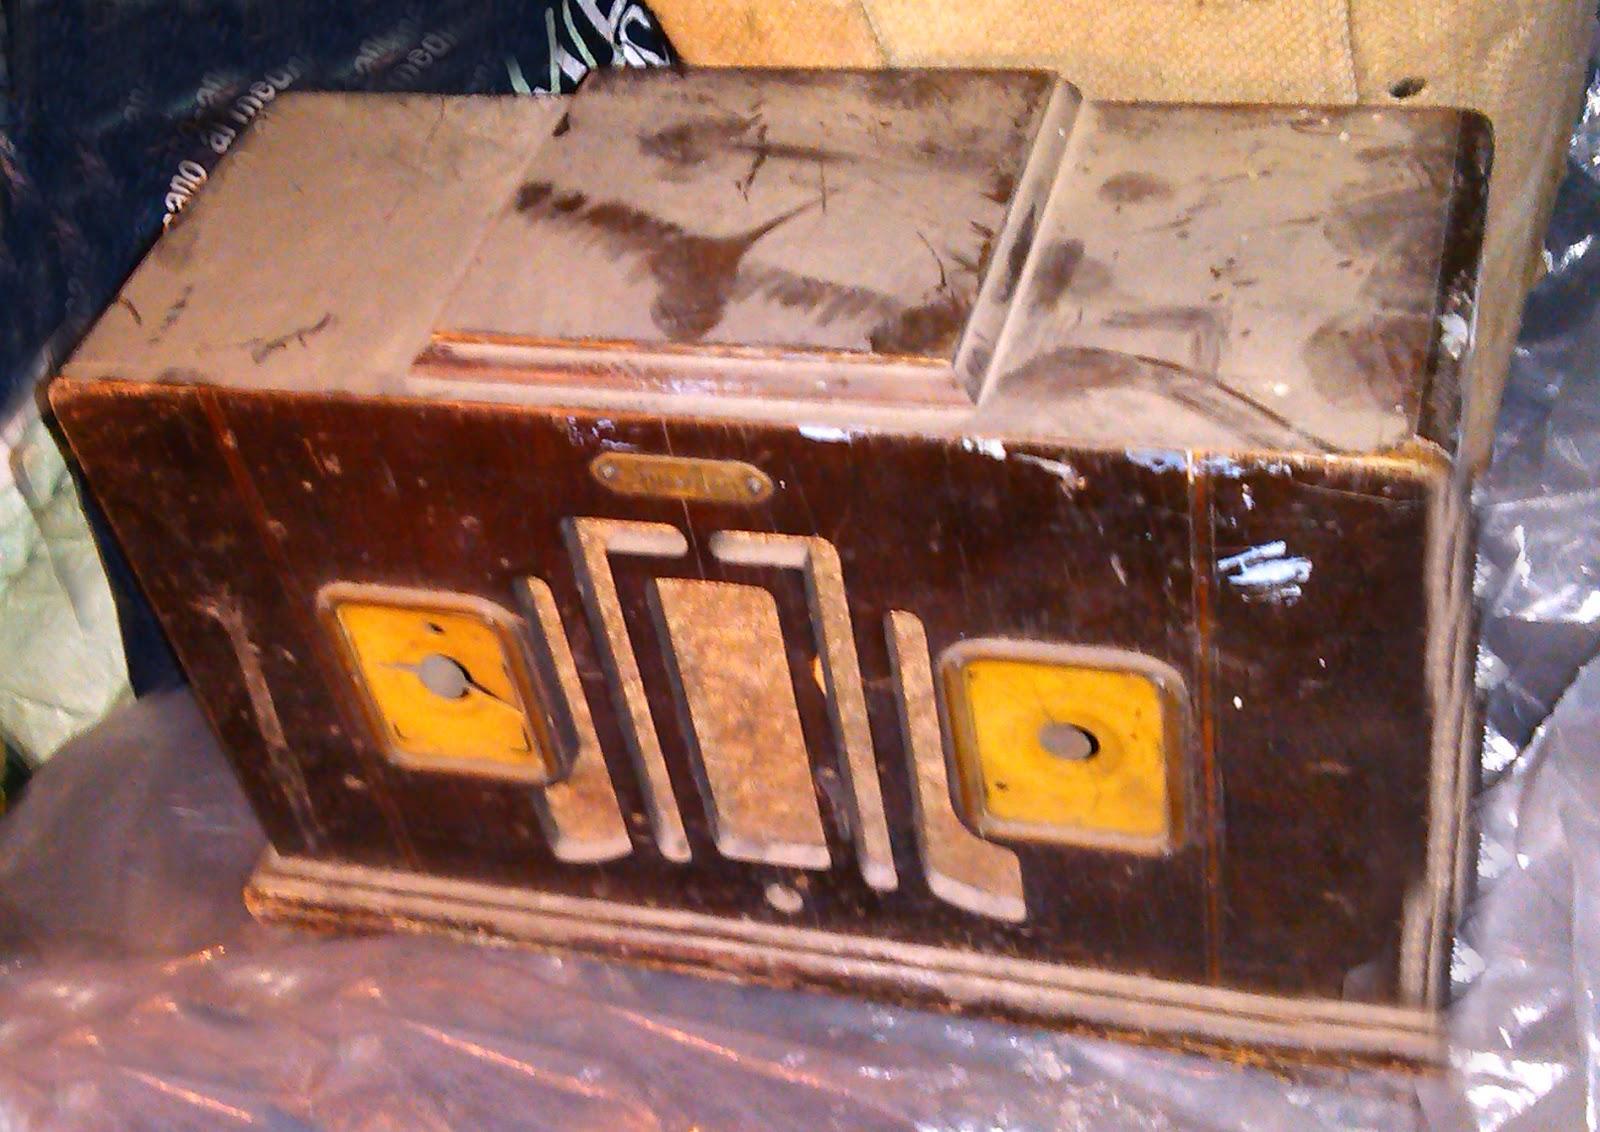 http://merrajo.blogspot.com.es/2014/04/restaurar-radio-antigua.html